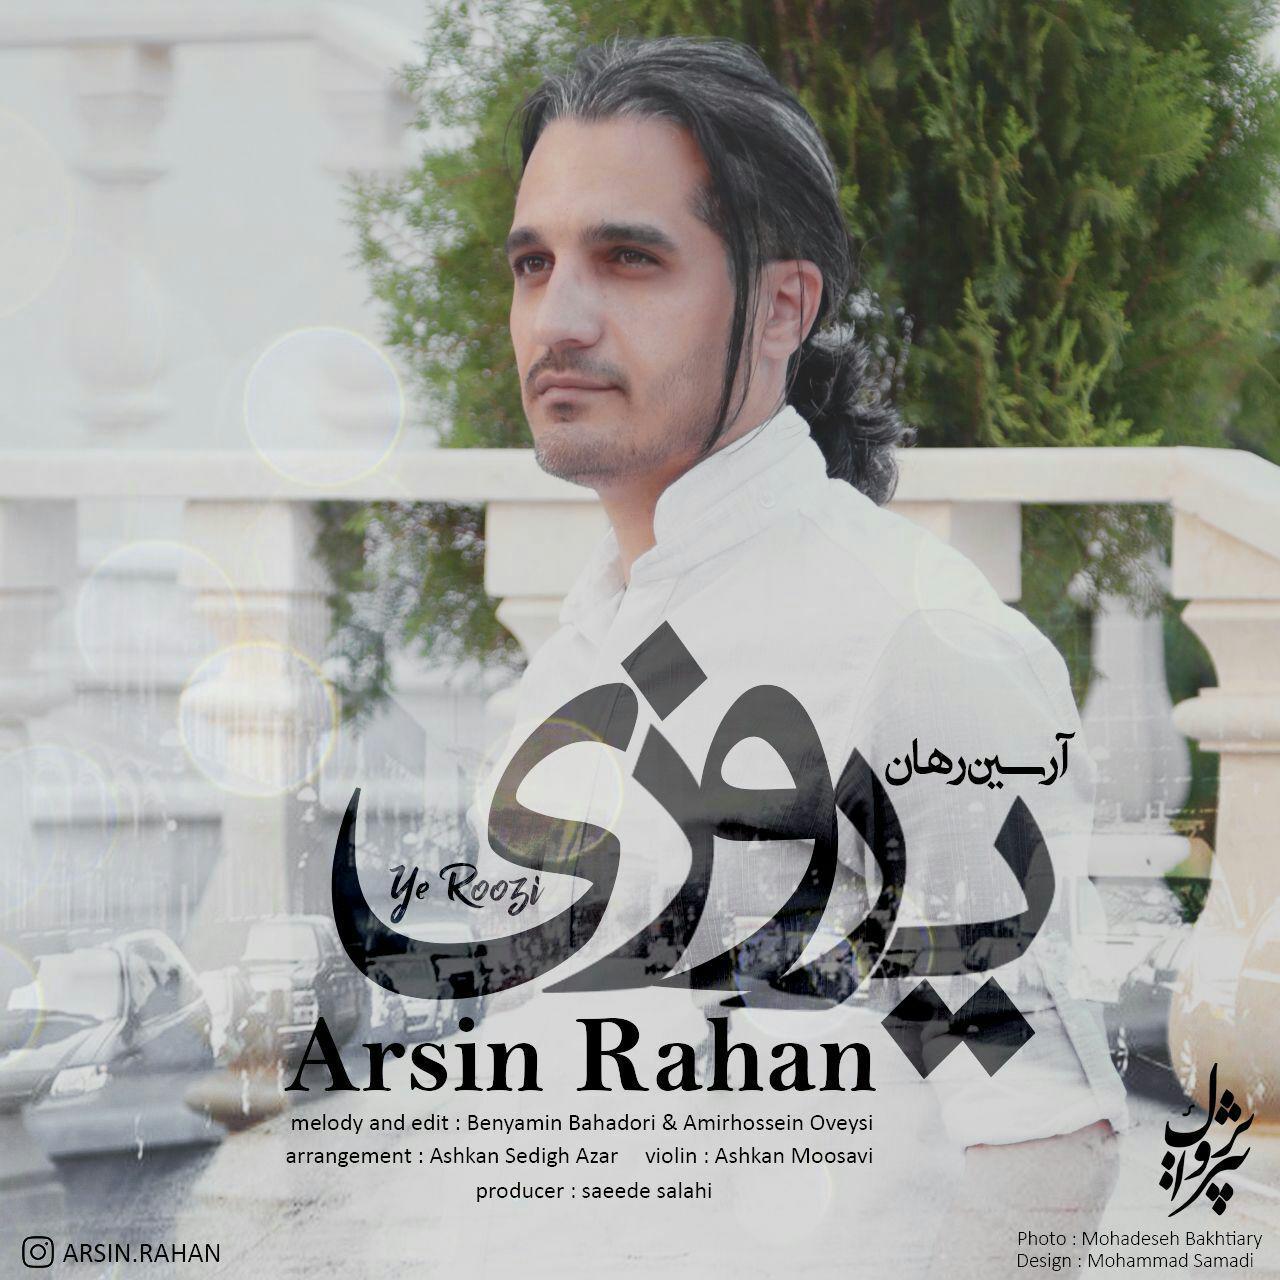 آرسین رهان به نام یه روزی